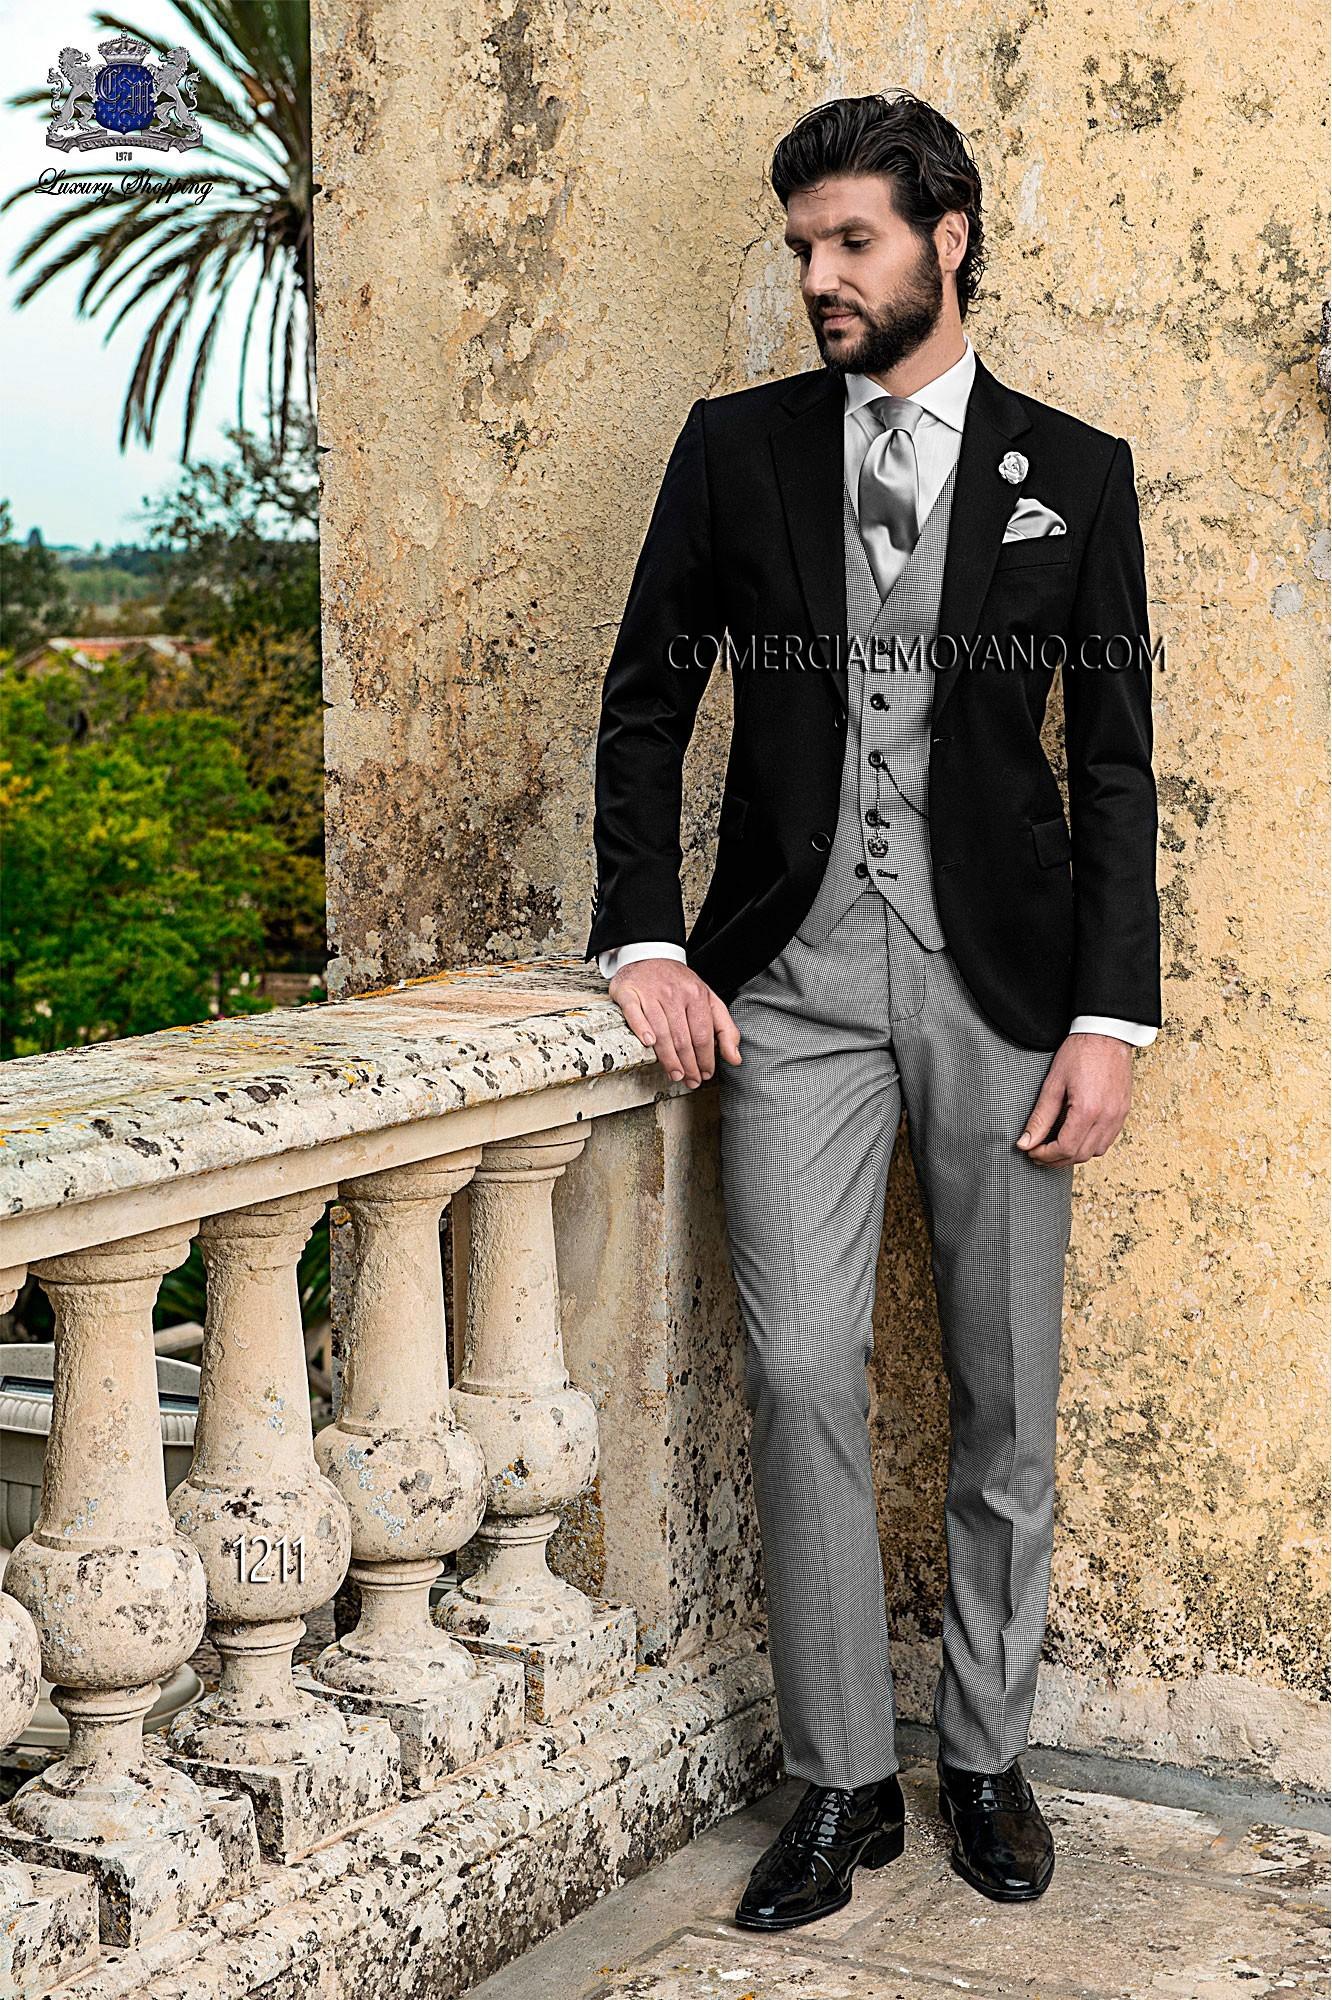 Traje de novio italiano negro modelo: 1211 Ottavio Nuccio Gala colección Gentleman 2017